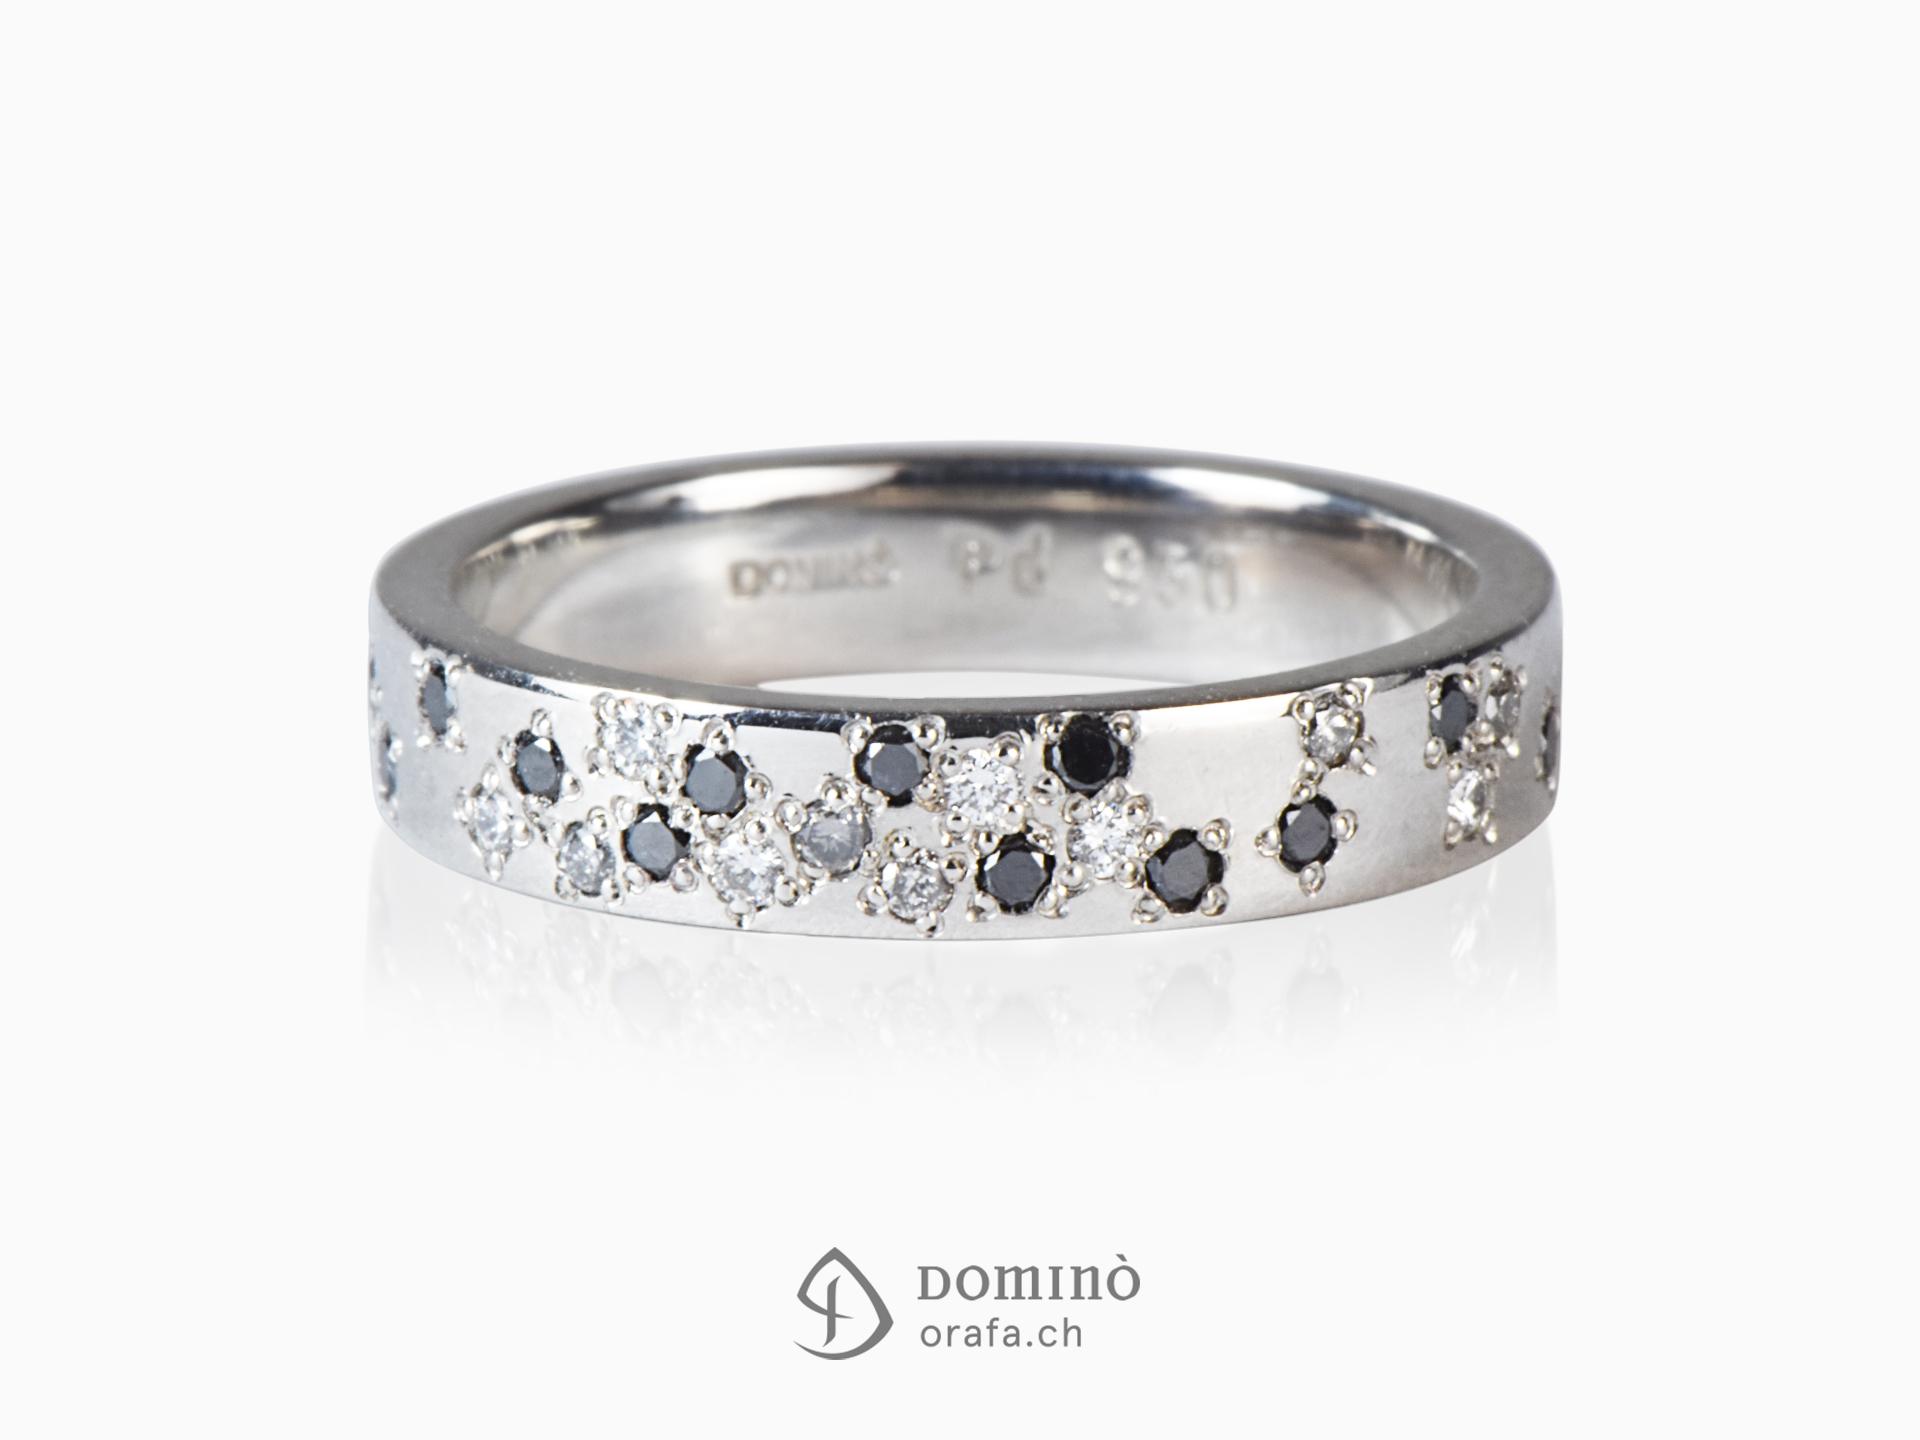 Anello con diamanti incolore, neri e grigi